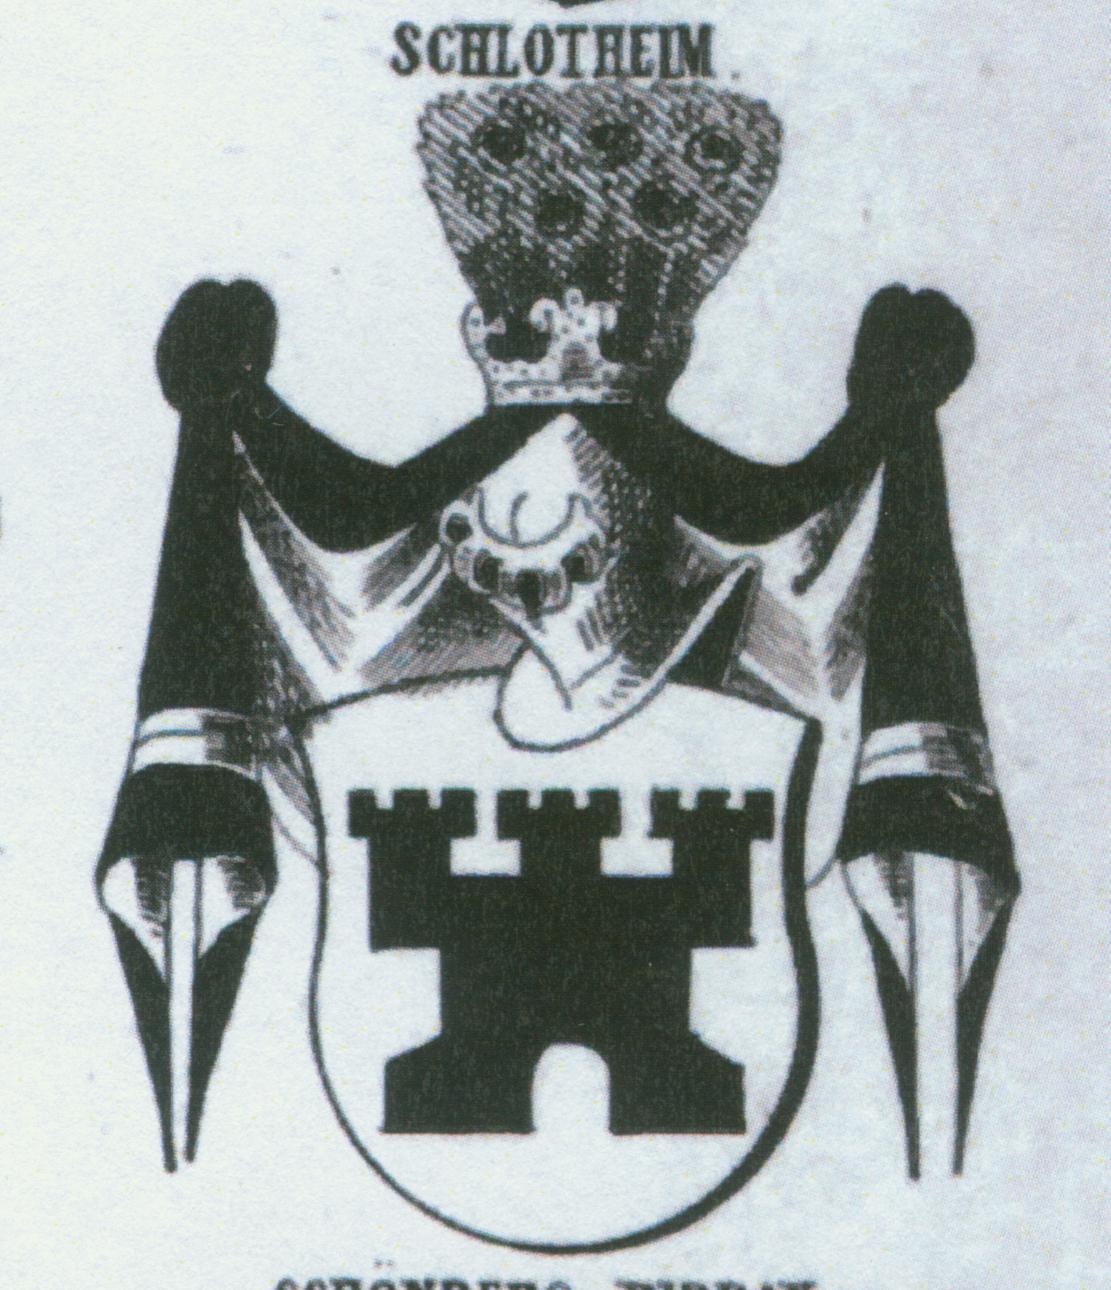 Schlotheim